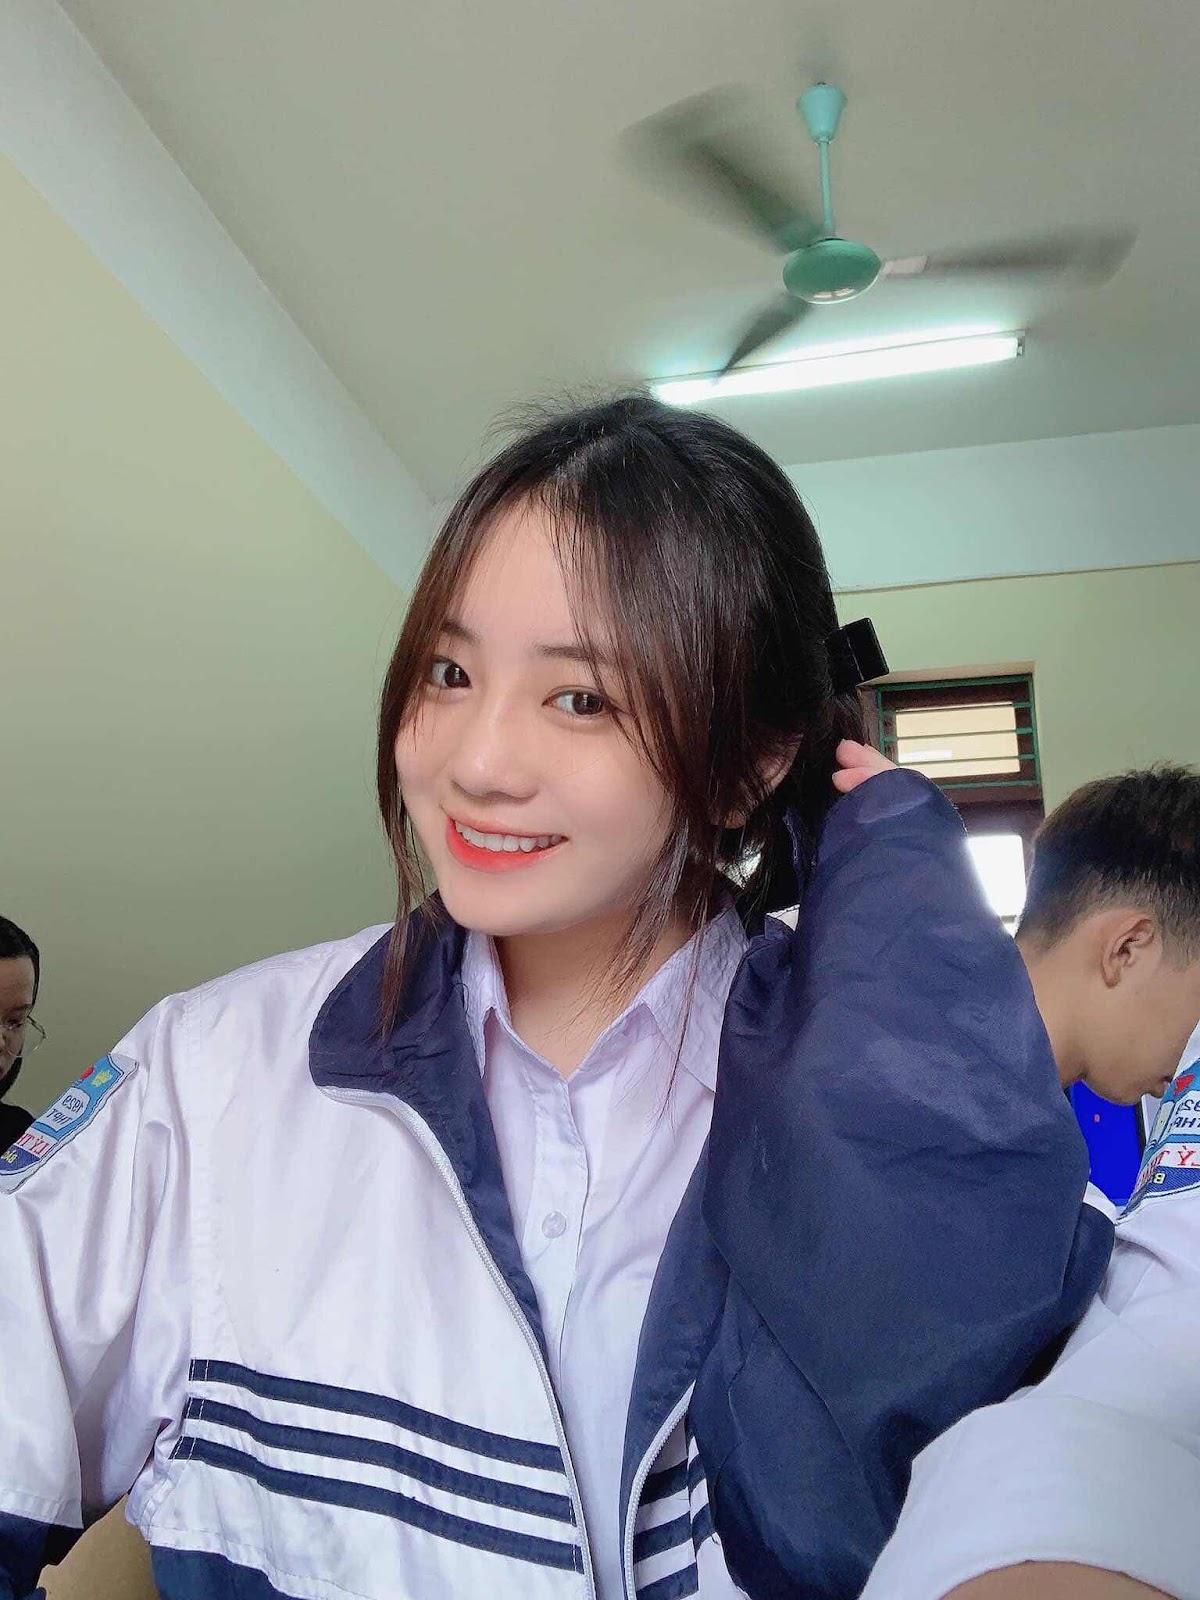 Nguyễn Thị Dương - Charming Duong